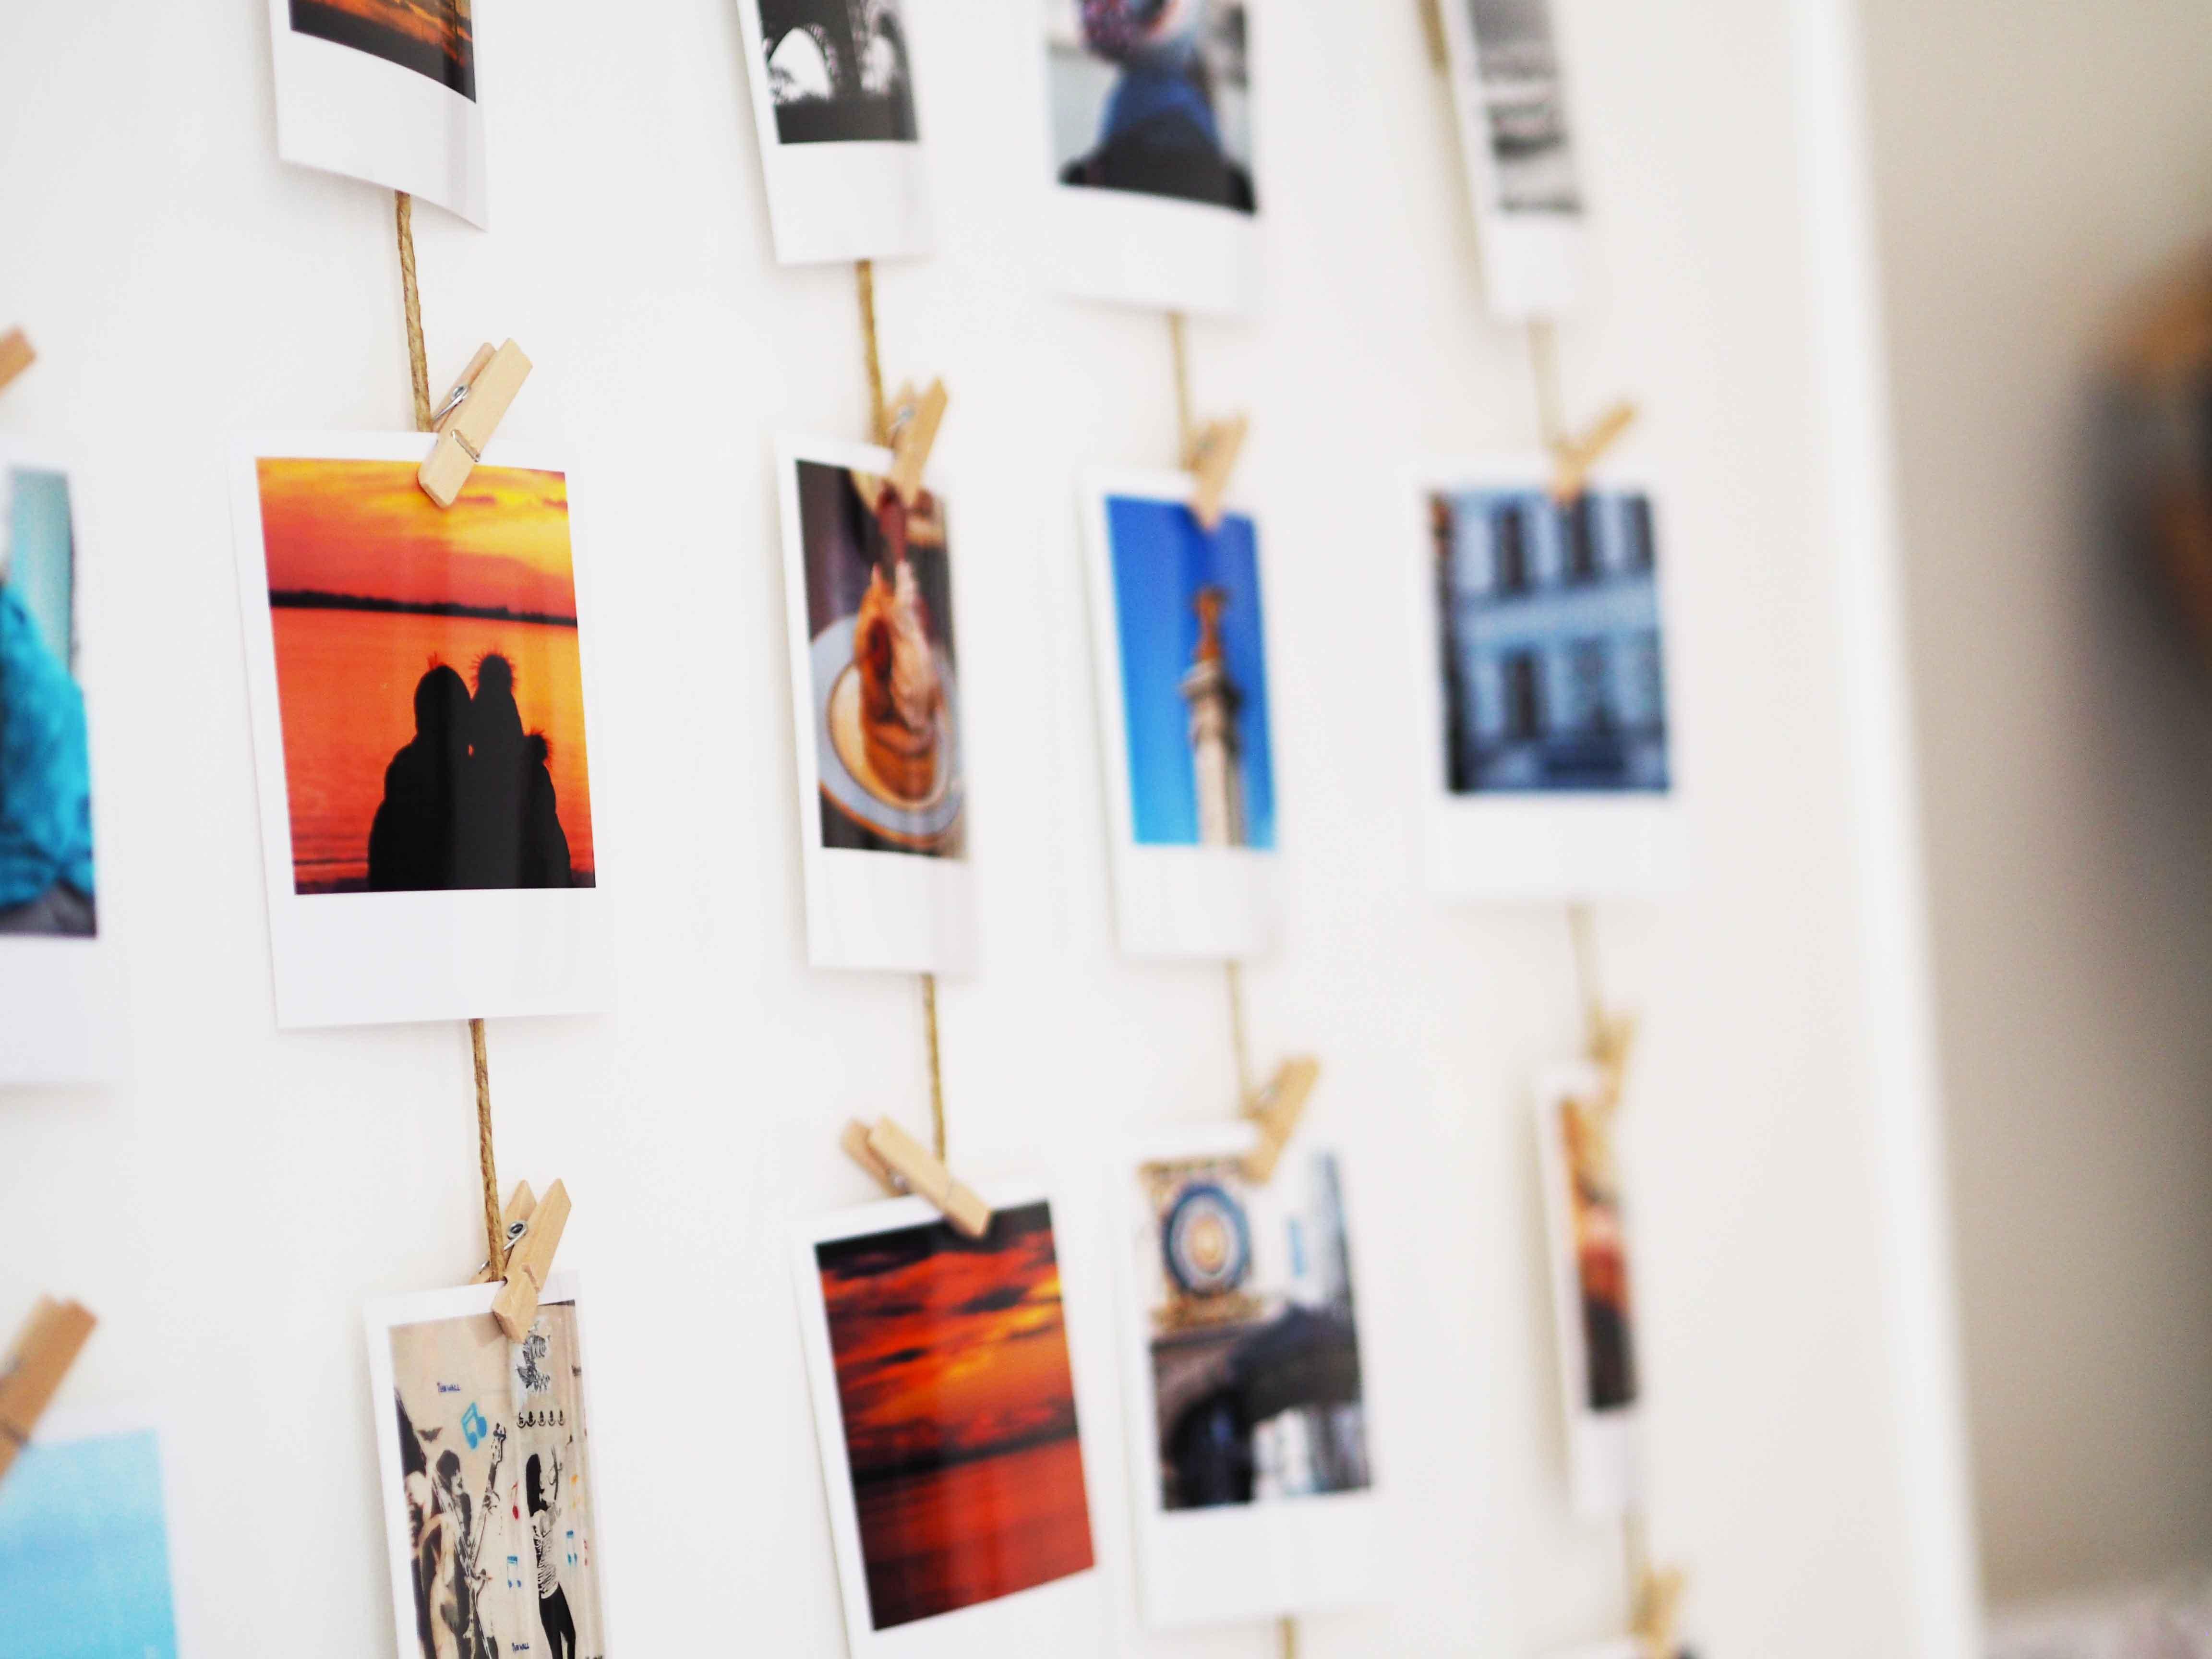 Accrocher Photo Mur Perfect Kamimi Nouveau Handmake Bb Jouet  # Commentfixer Tele Aumur